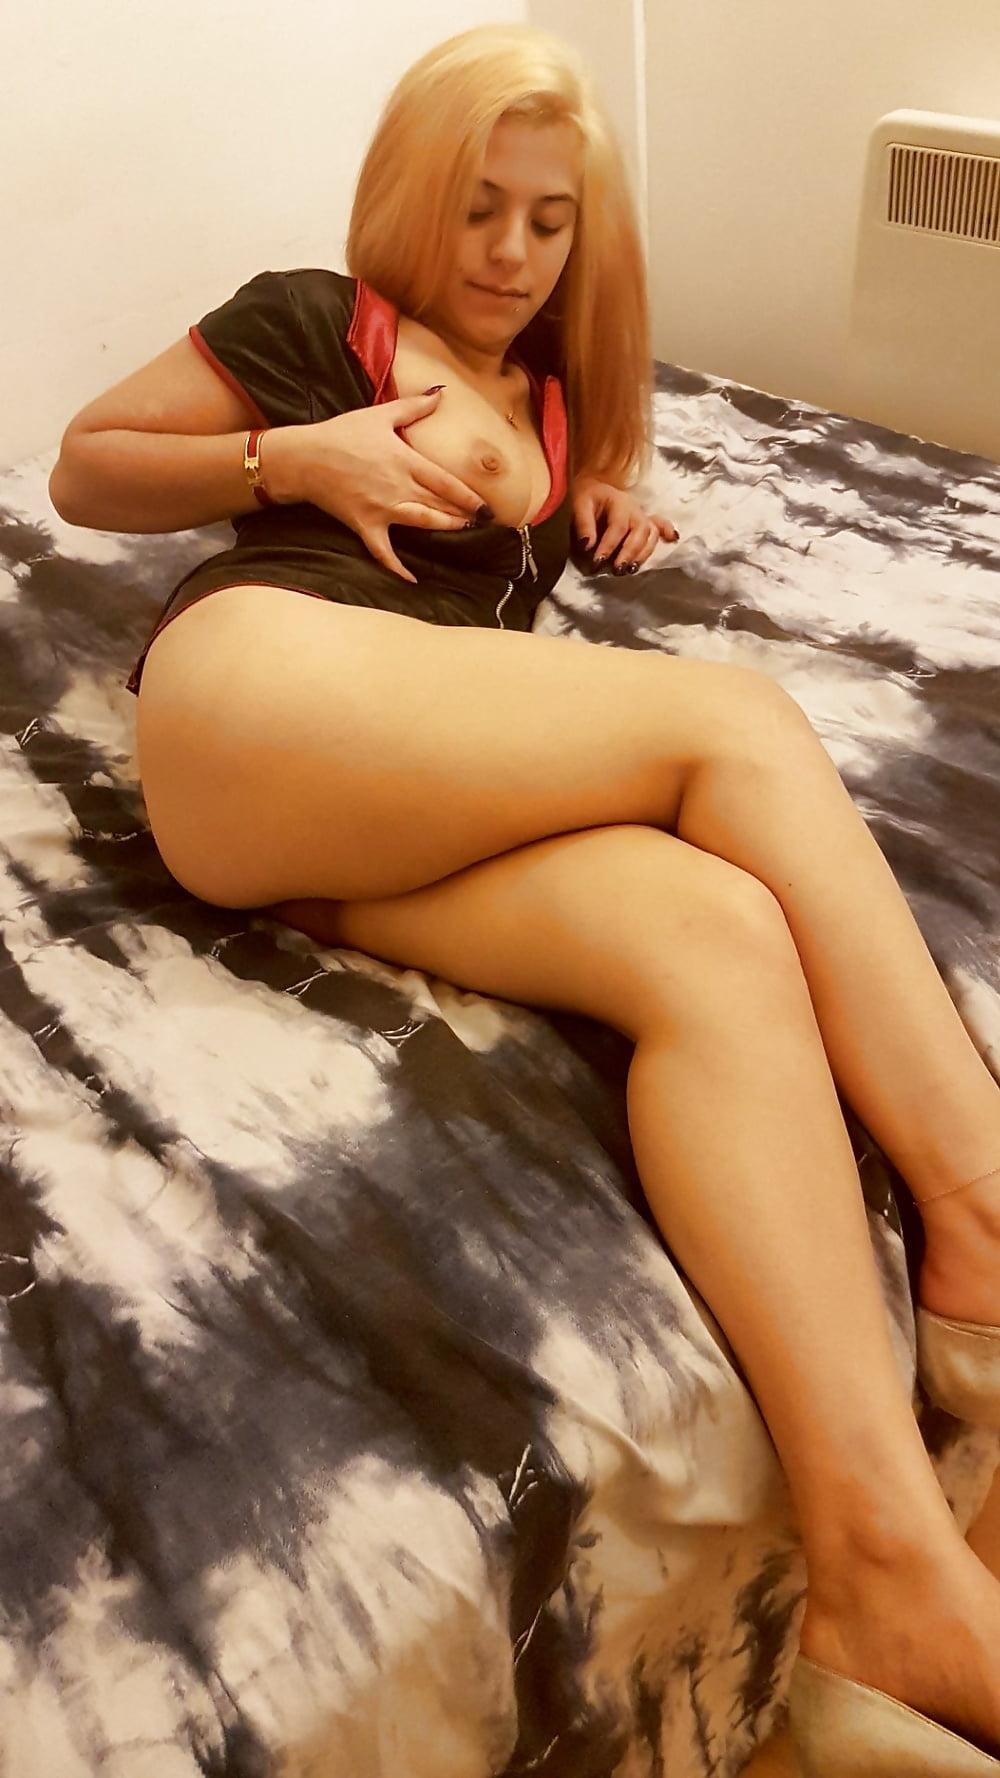 Hot sexy women near me-8910